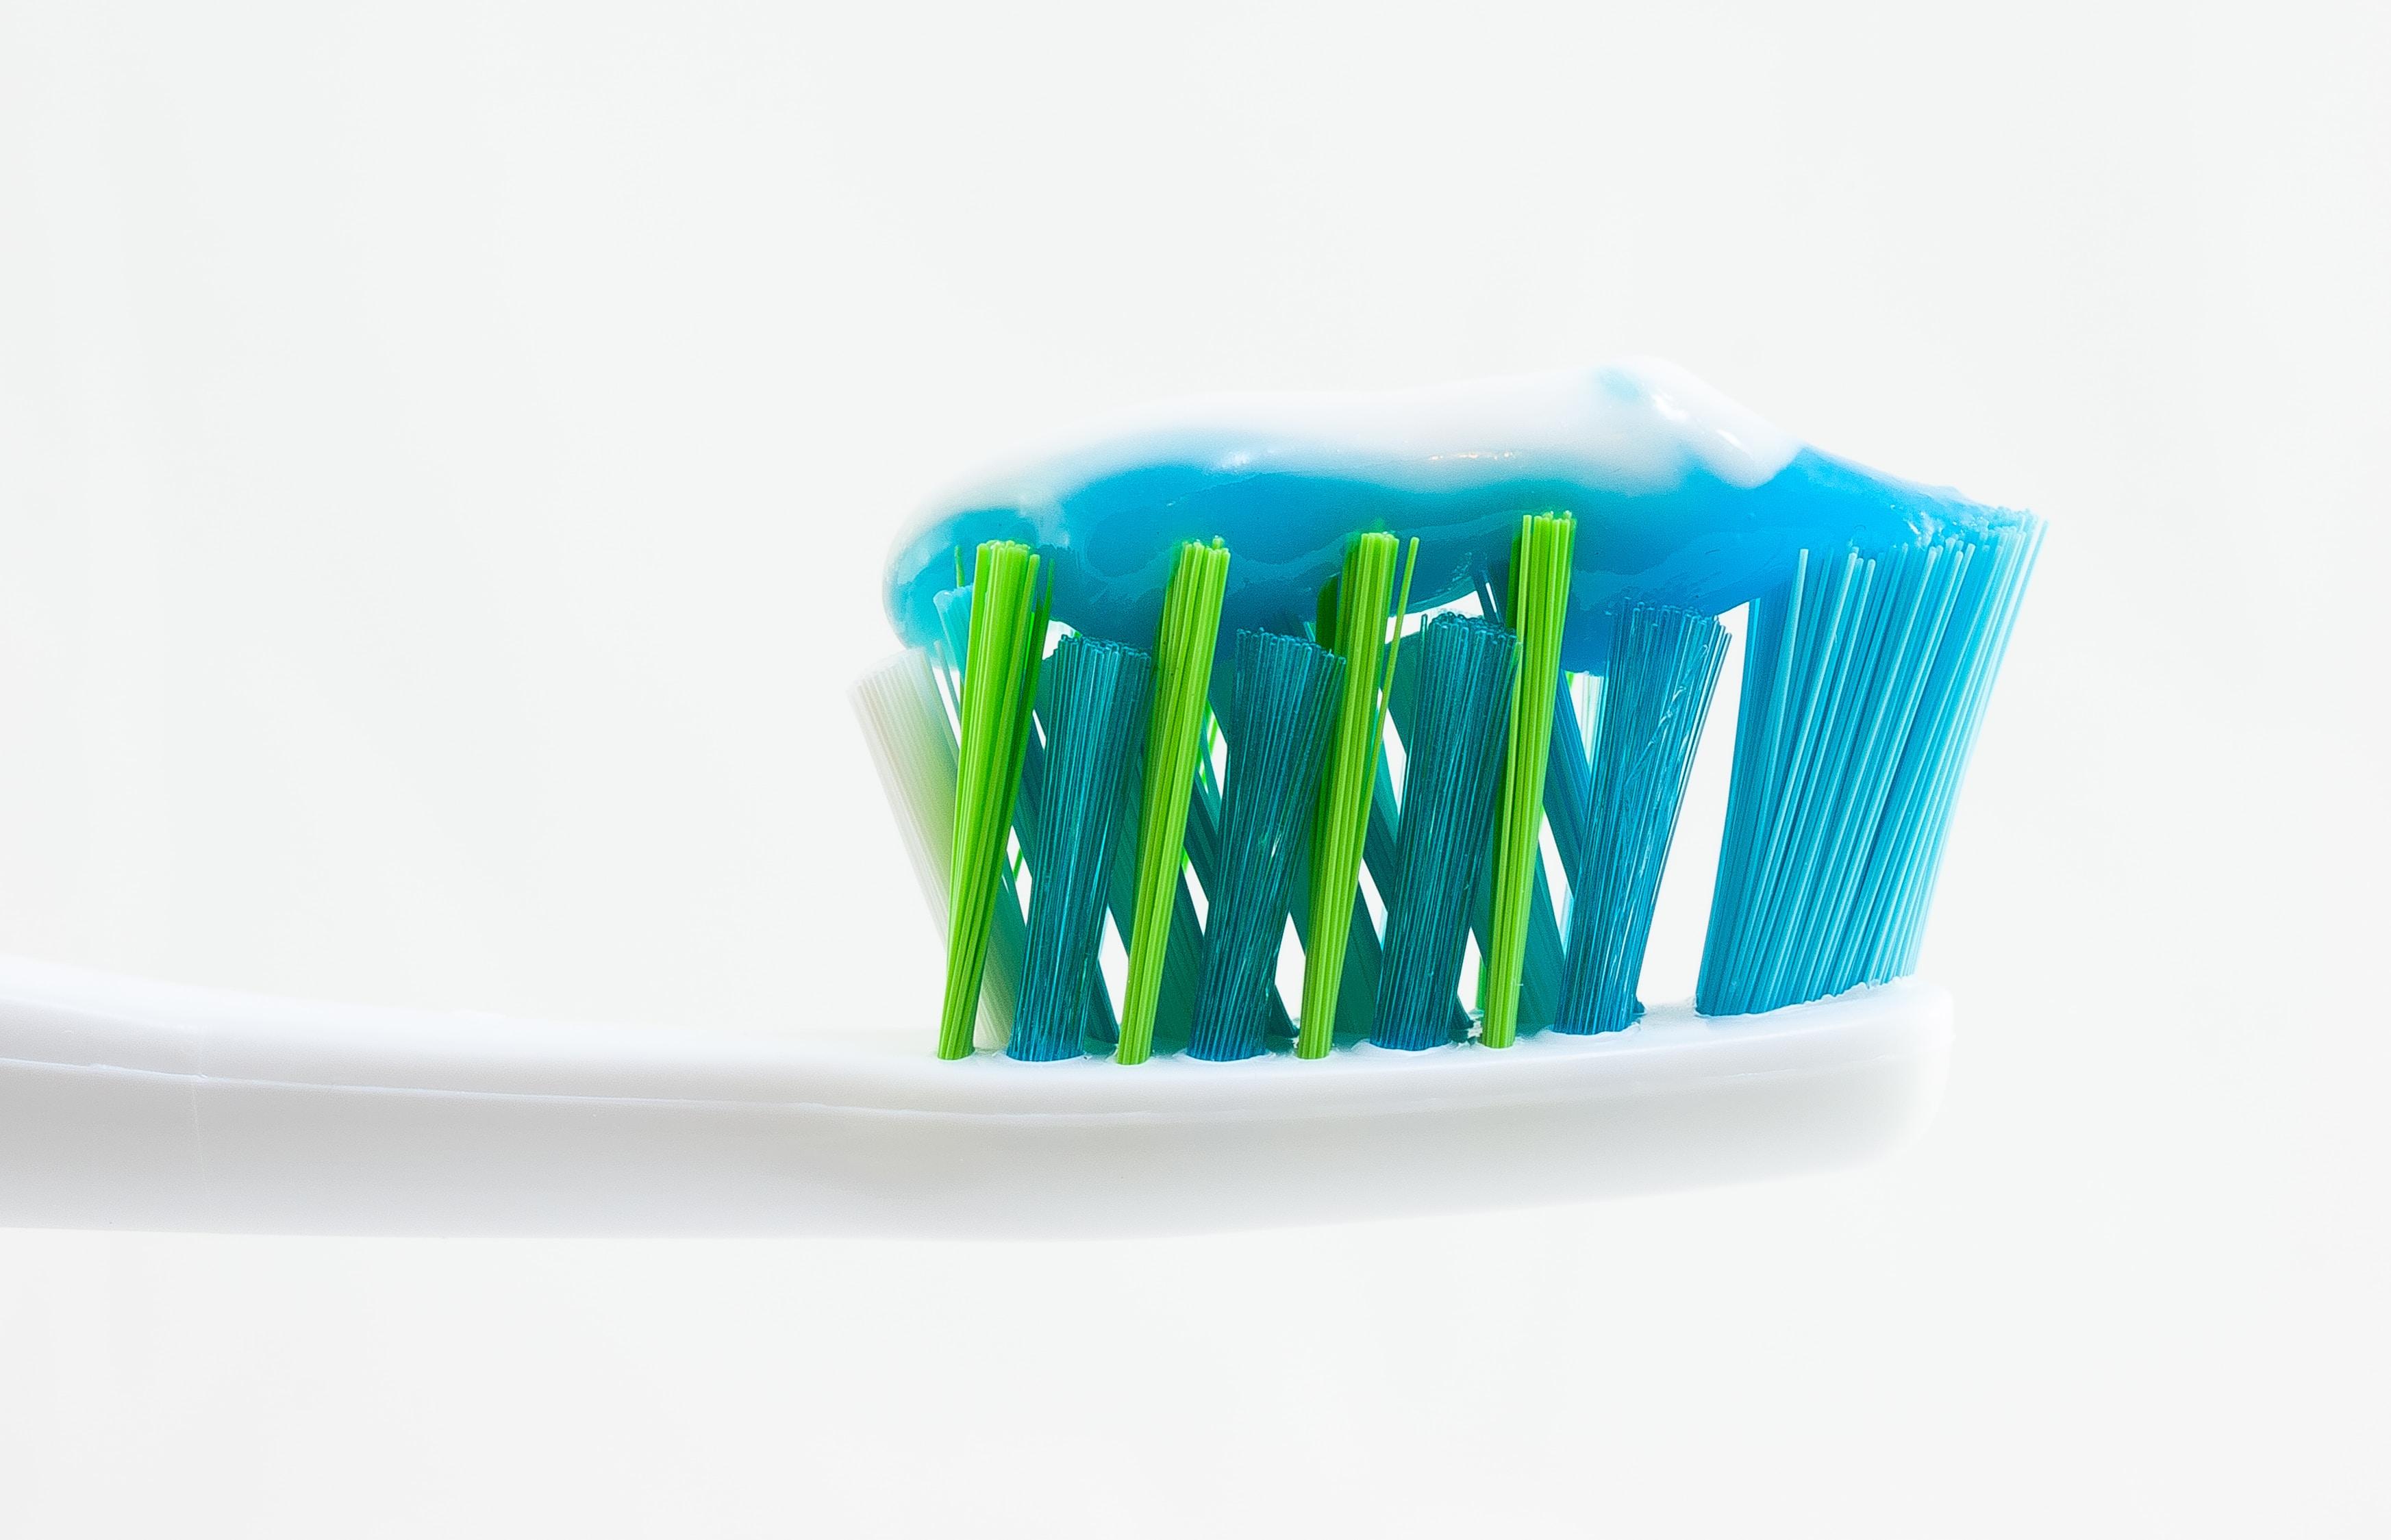 calcium carbonate for tooth paste